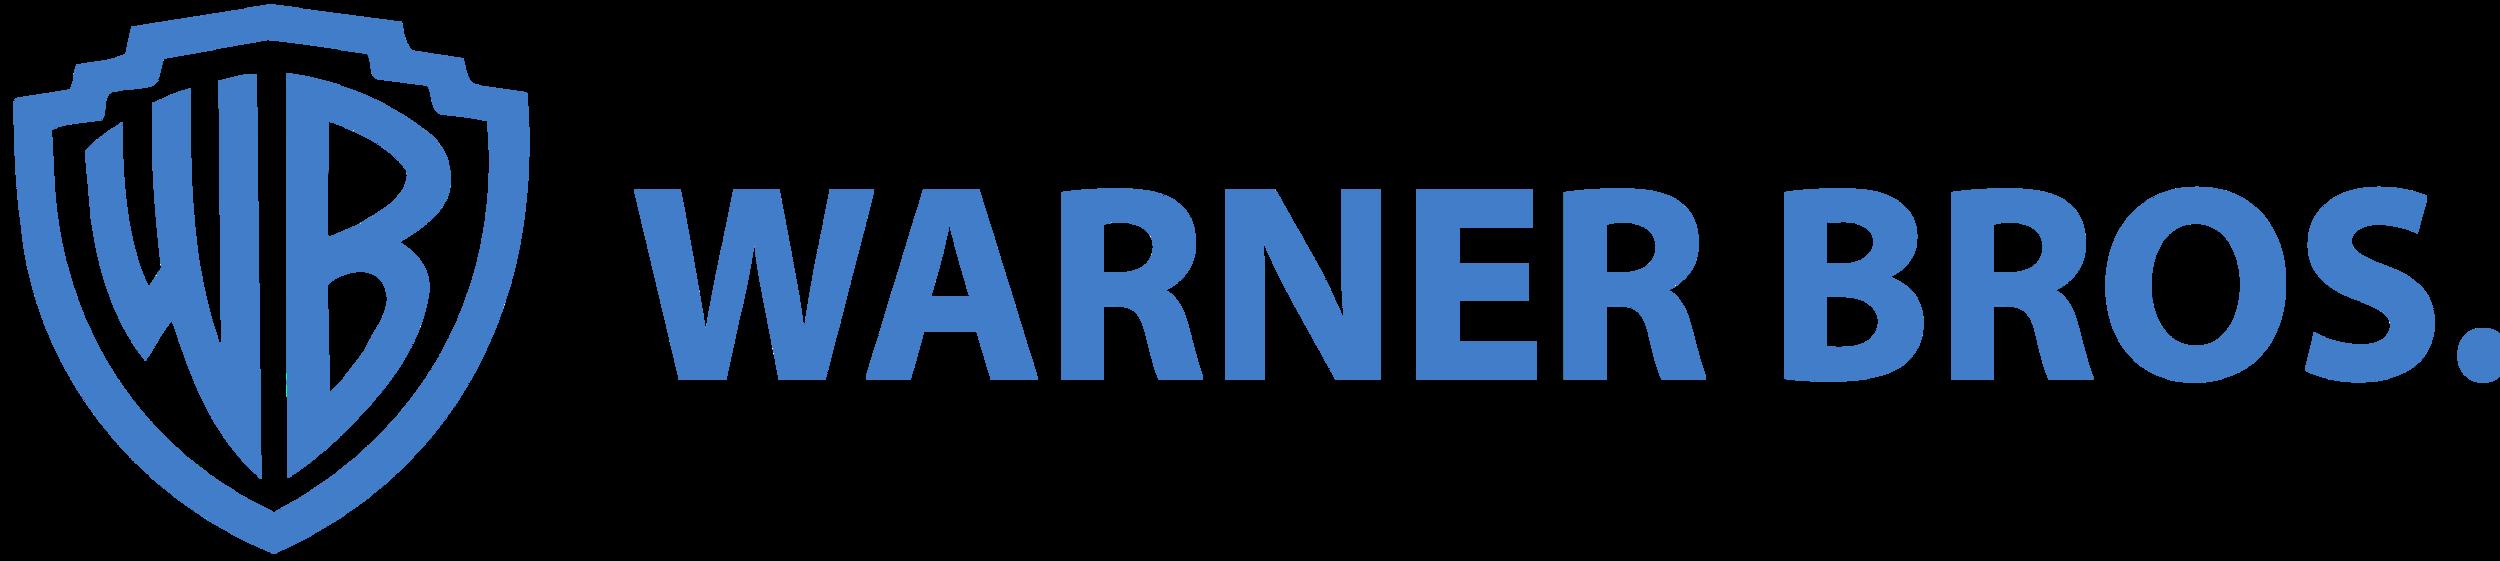 WB_Warner_Bros_logo_logotype.png